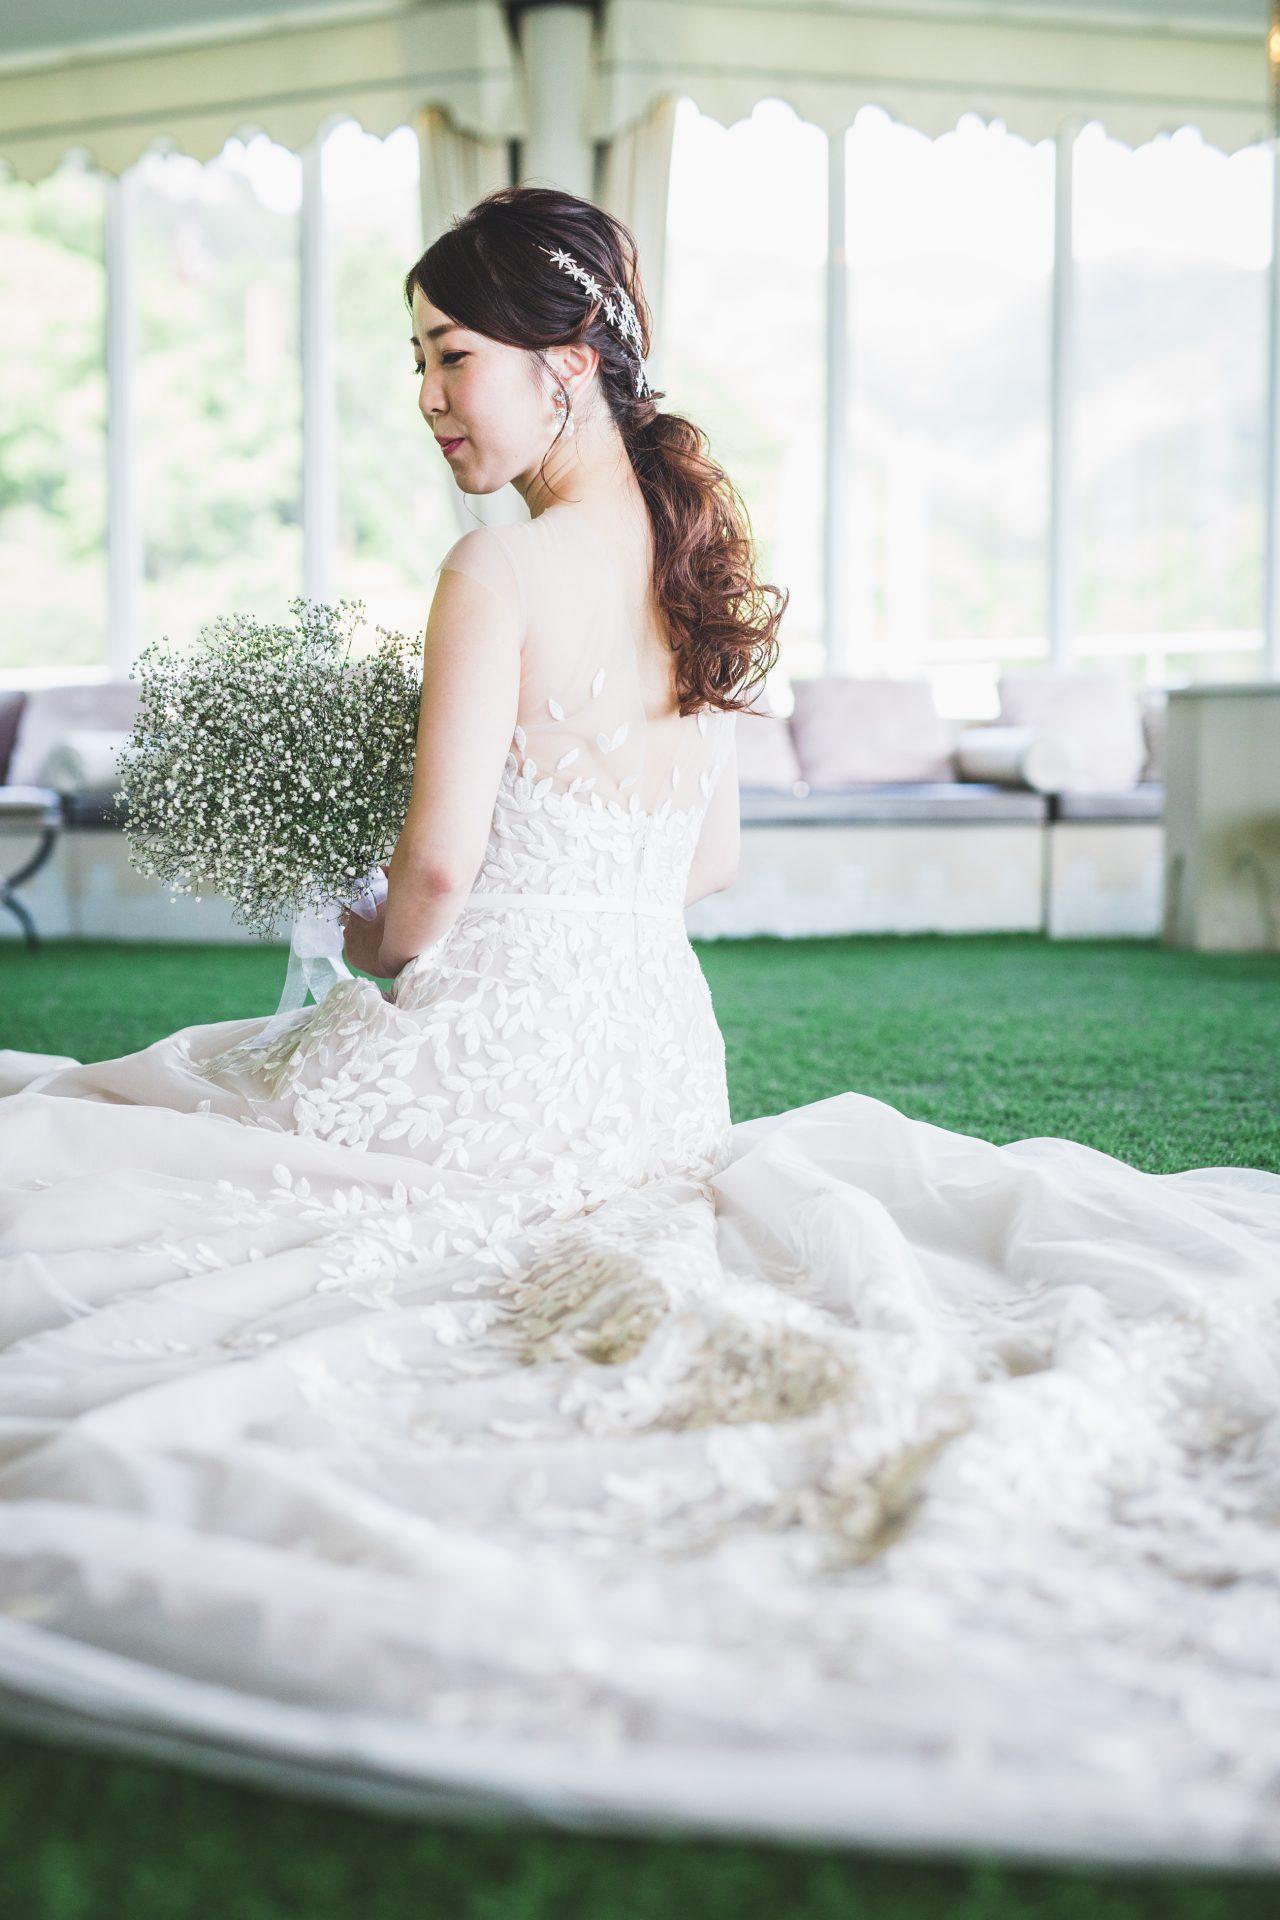 ザトリートドレッシング神戸店がお取り扱いするミラズウィリンガーで人気を集めるリーフモチーフをトリートオリジナルのデザインに仕上げていただいたミラズウィリンガーのウェディングドレスのご紹介